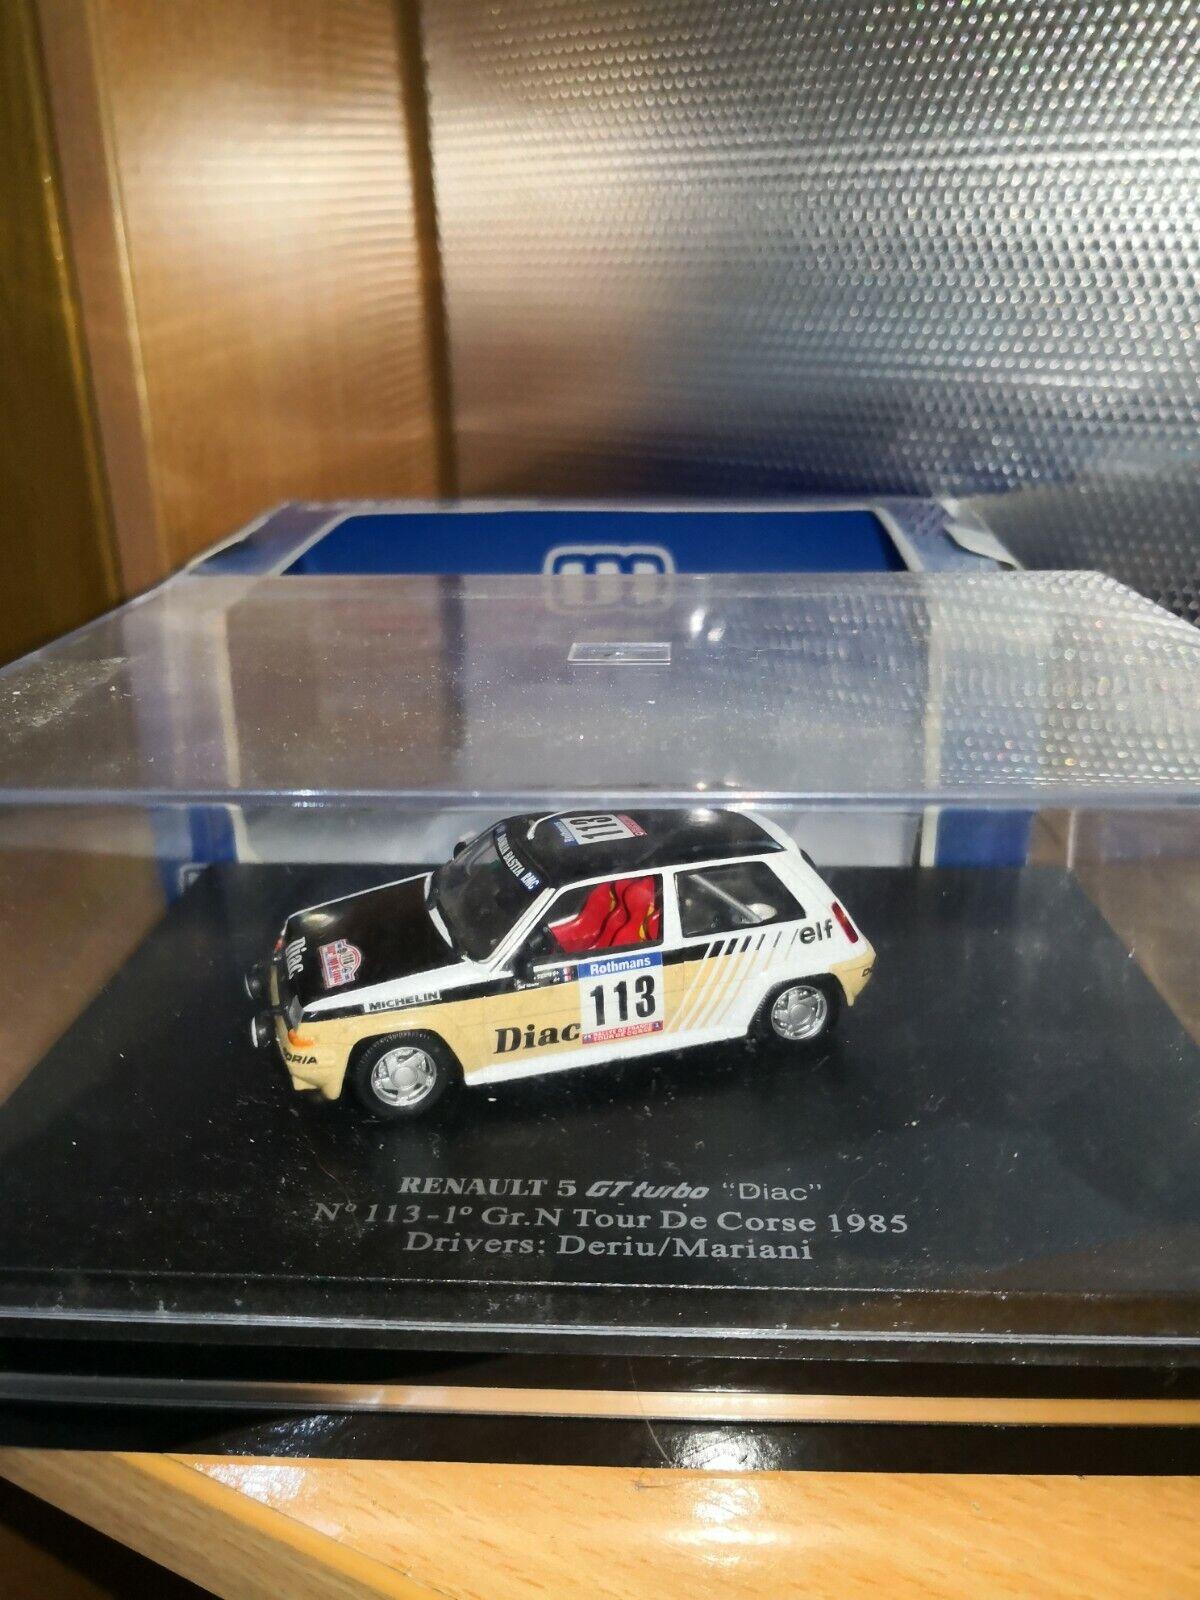 Renault 5 gt turbo 113 gr n tour de corse uh 1 43